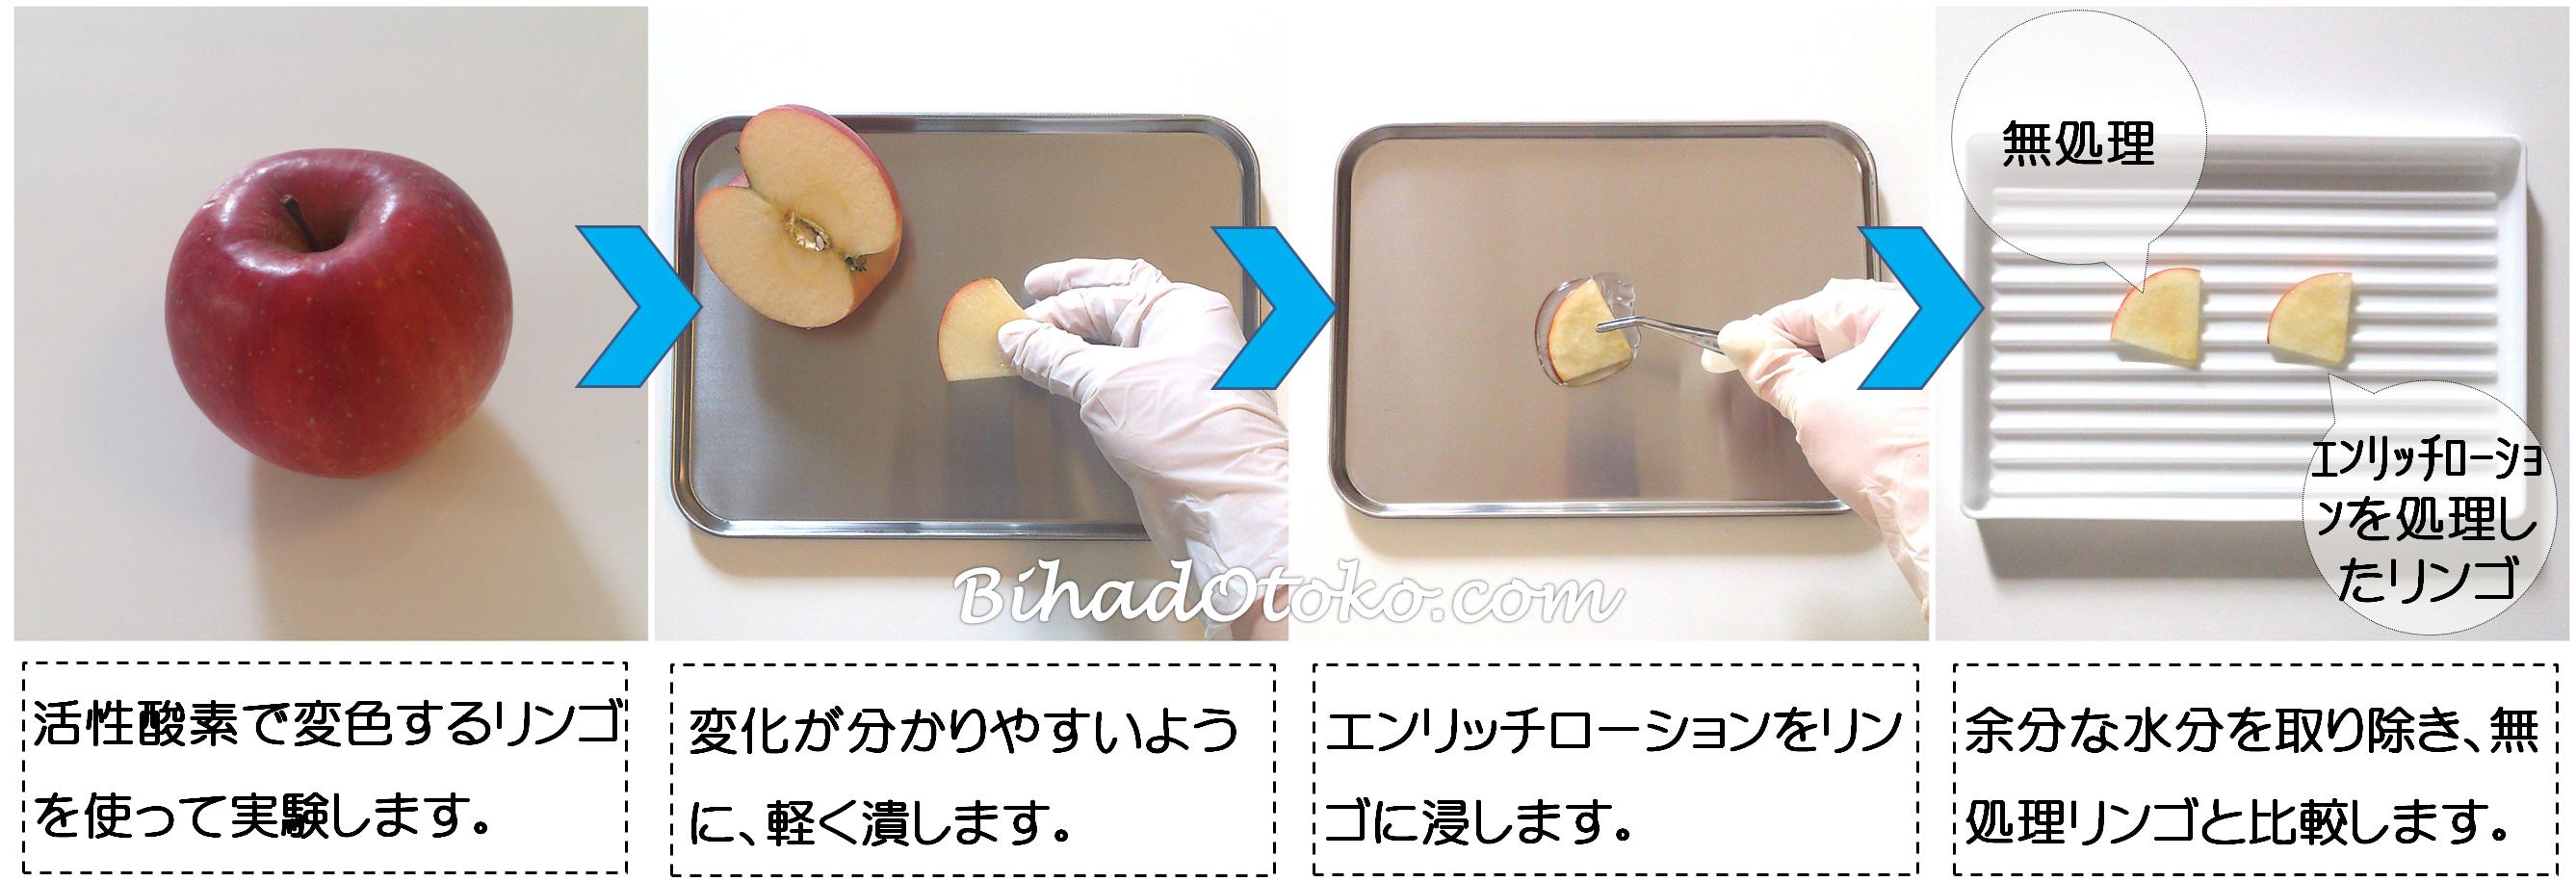 エンリッチローションのリンゴの実験手順